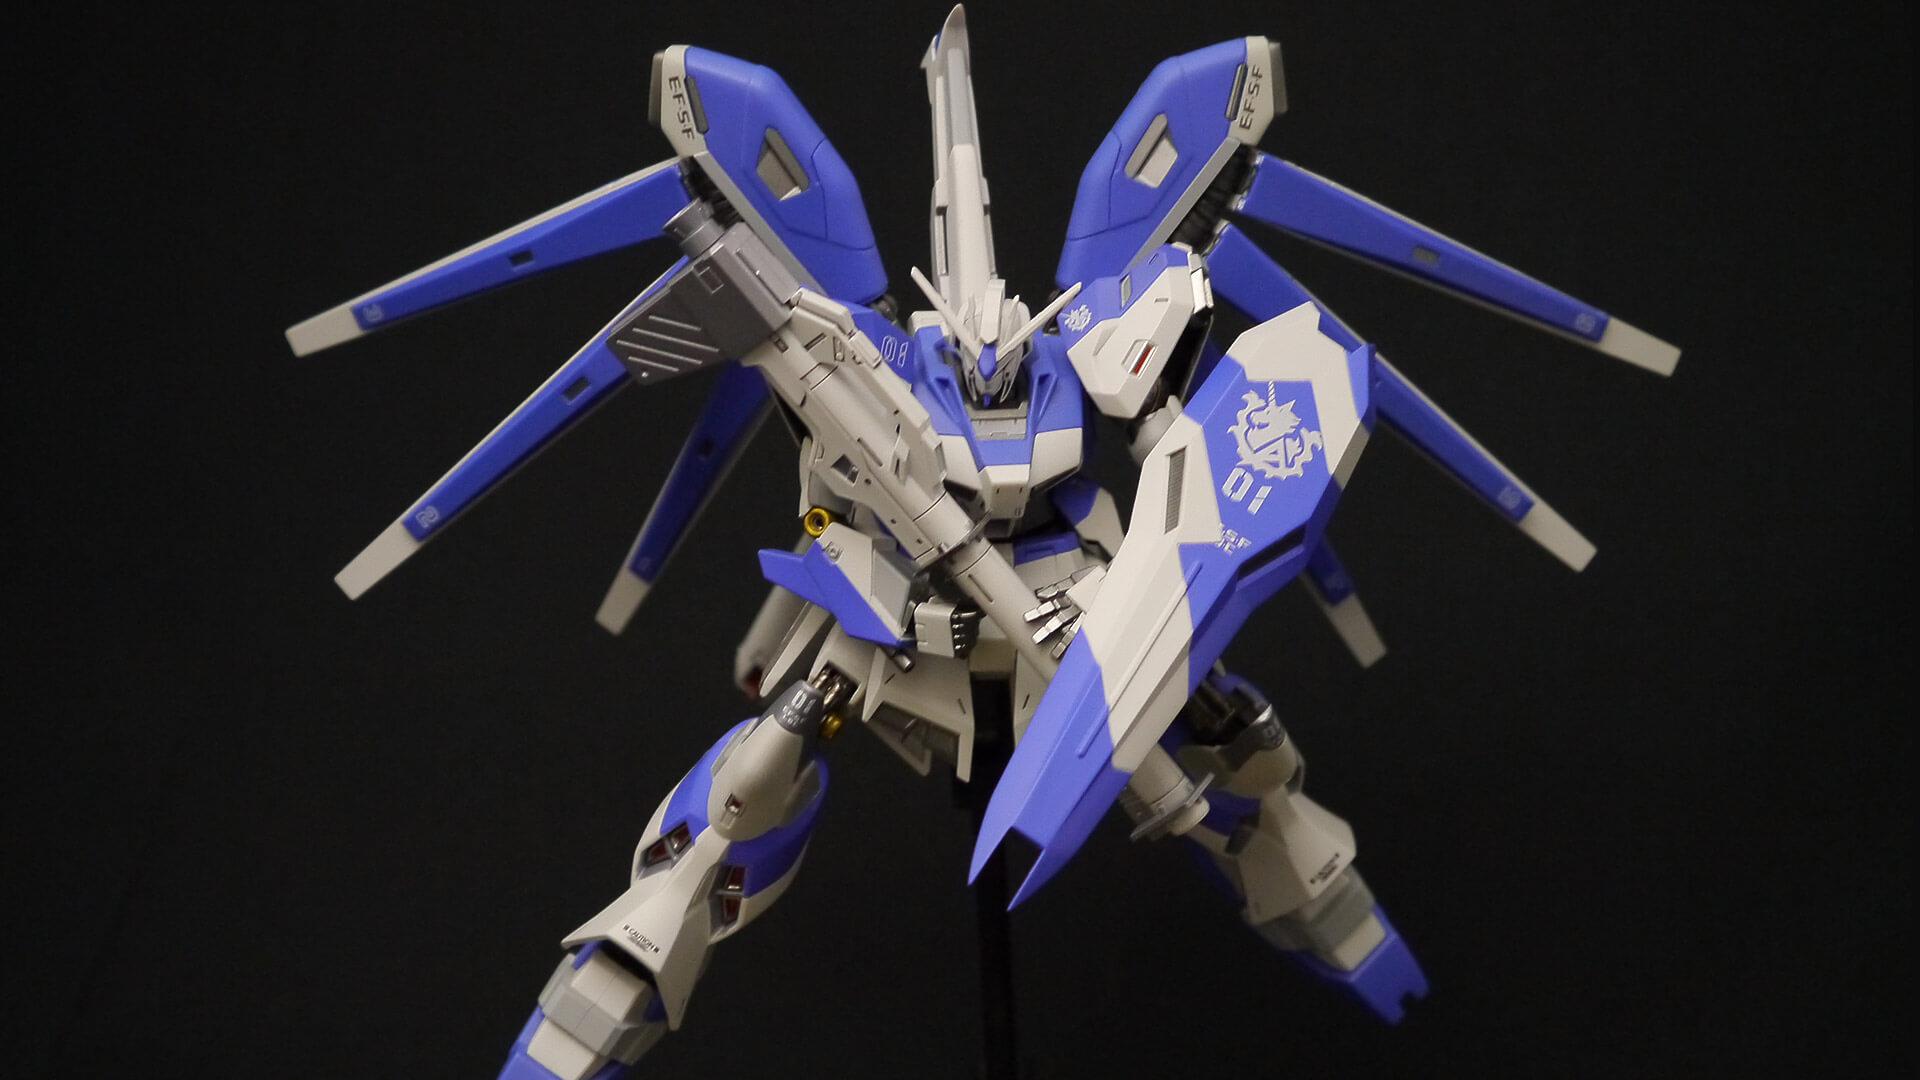 METAL-ROBOT魂-Hi-v-ガンダム-バズーカと盾装着